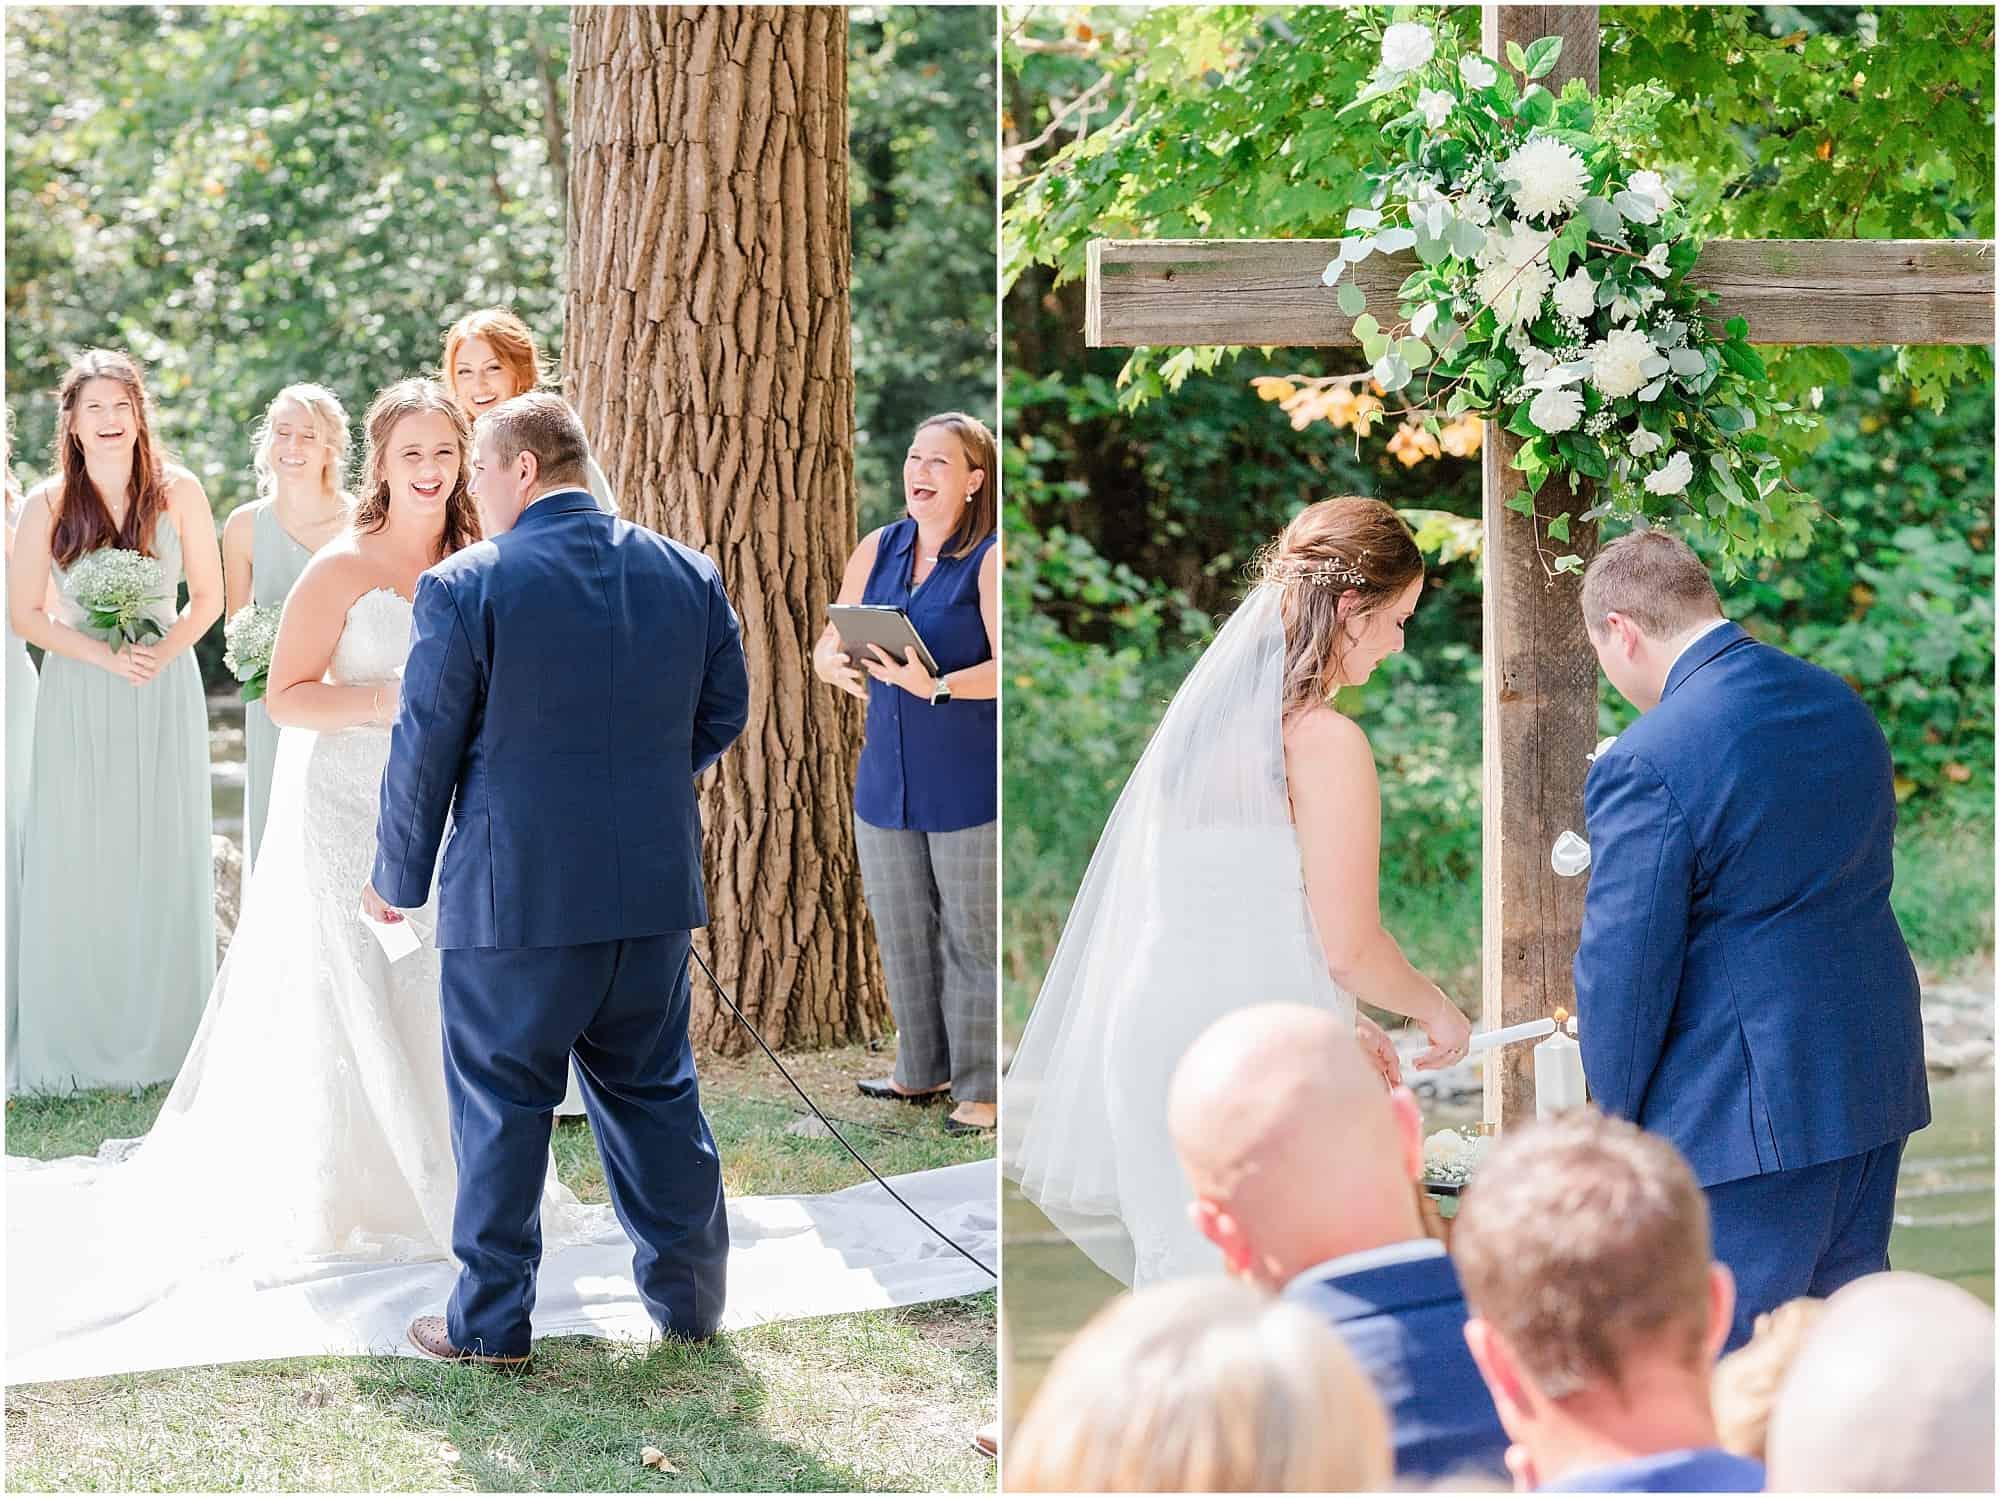 norwalk ohio wedding ceremony